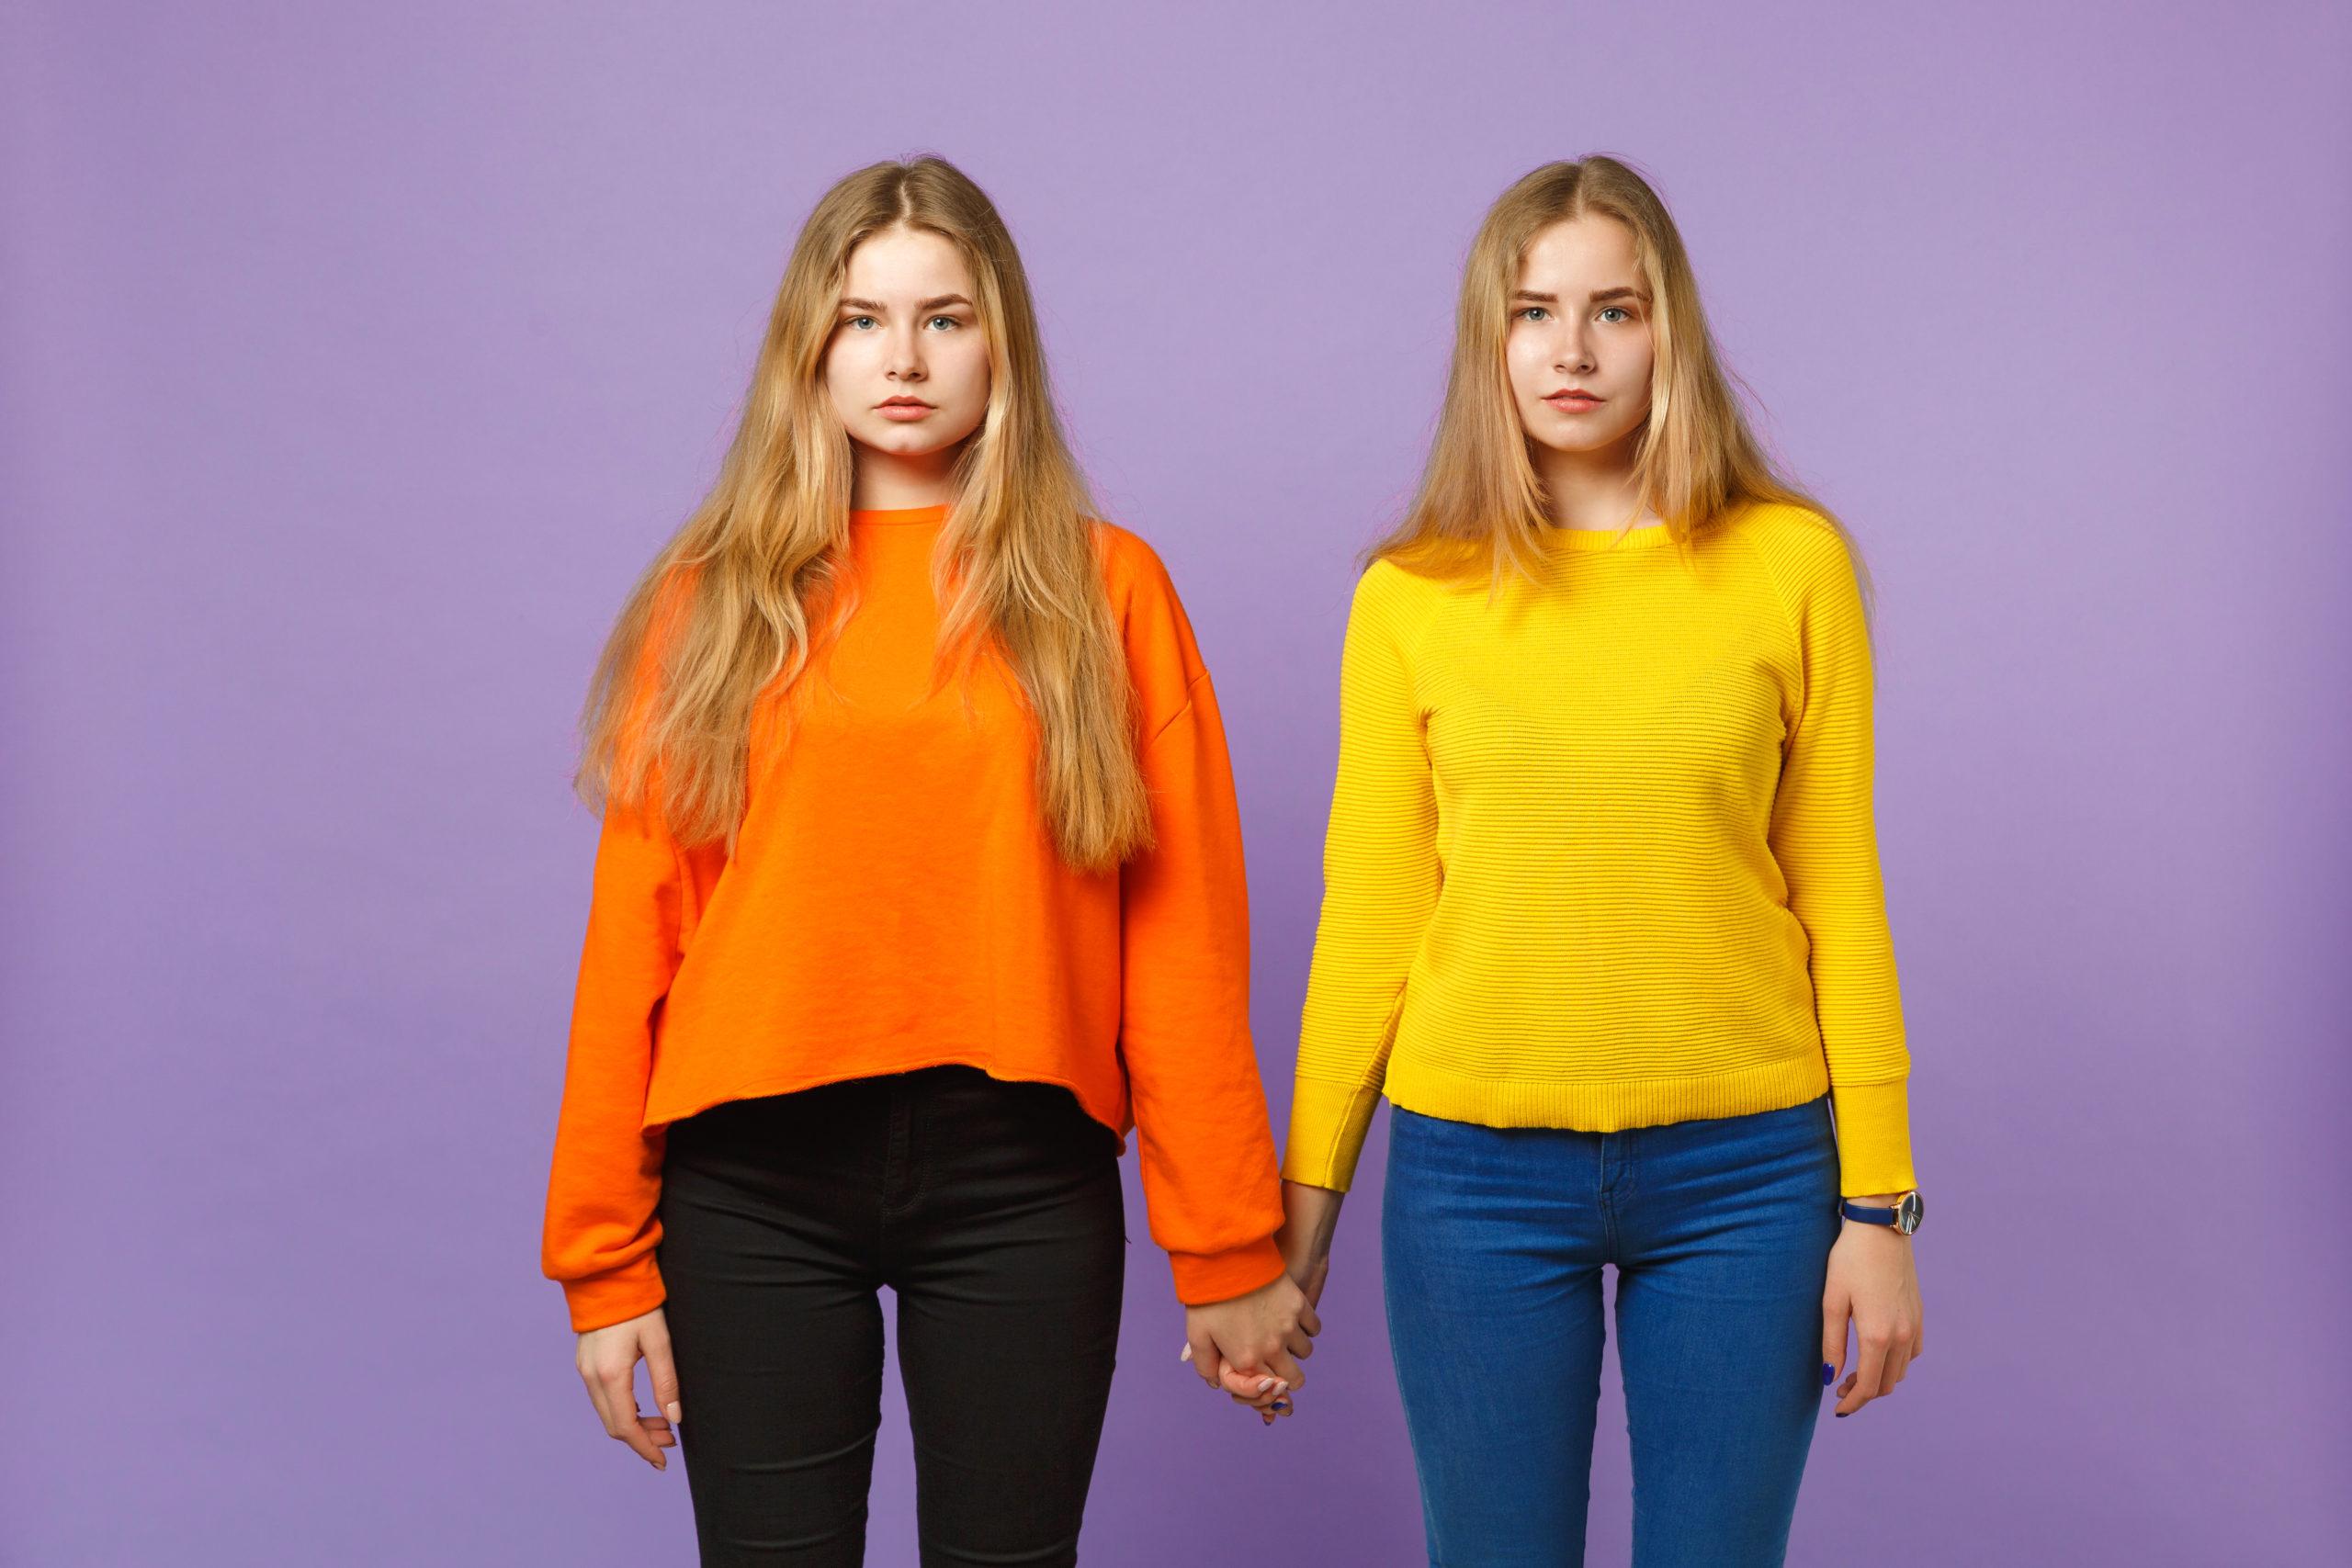 Coppia di ragazze che indossano accostamenti di due colori. Pantaloni neri e maglioncino arancio e pantaloni jeans blu e maglioncino giallo